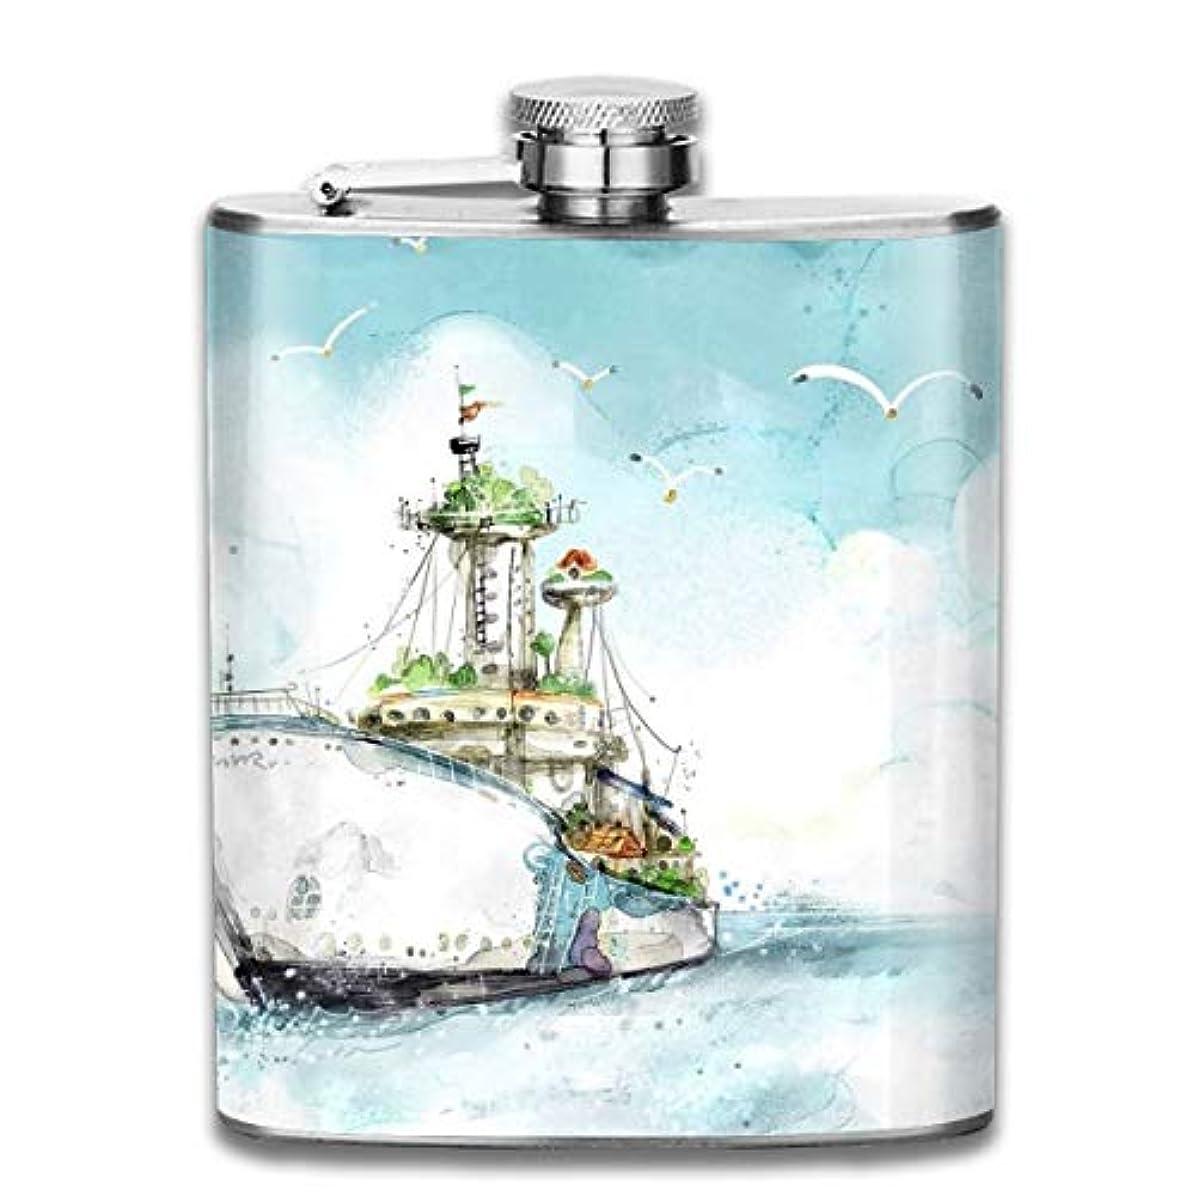 キリスト教精通した落ち込んでいるブルームン 酒器 酒瓶 お酒 フラスコ 海 ボート かもめ ボトル 携帯用 フラゴン ワインポット 7oz 200ml ステンレス製 メンズ U型